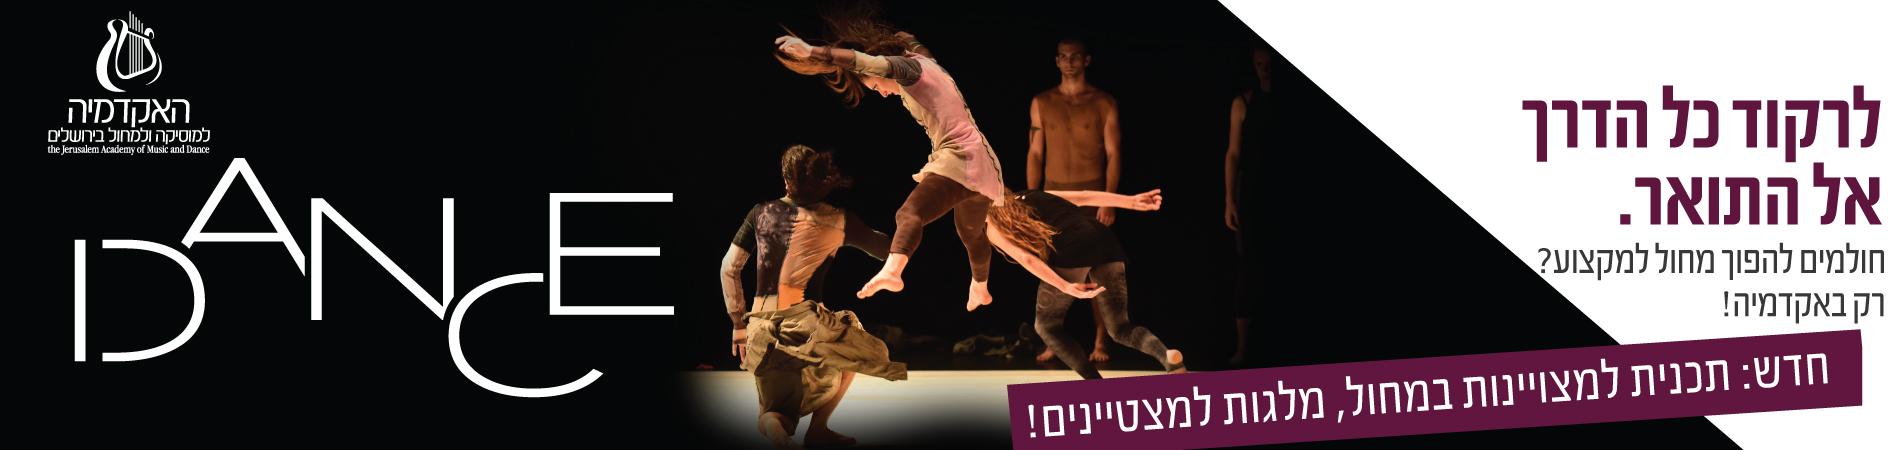 كليّة الرقص المعاصر - دراسات الرقص المعاصر والحركة